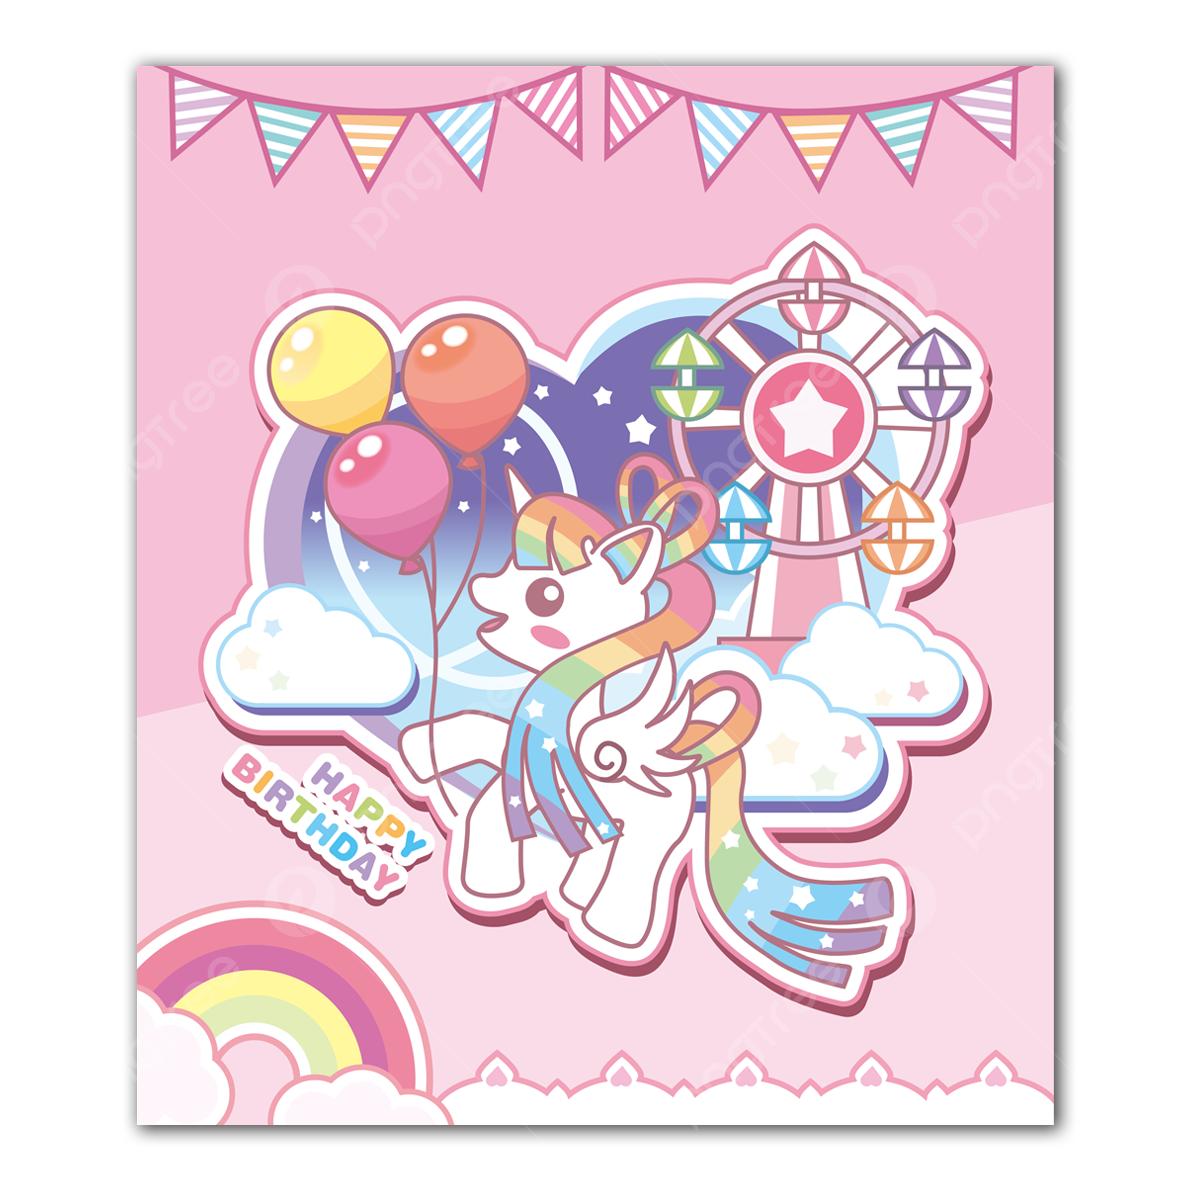 Gambar Cute Pony Png Vektor Psd Dan Clipart Dengan Latar Belakang Transparan Untuk Download Gratis Pngtree